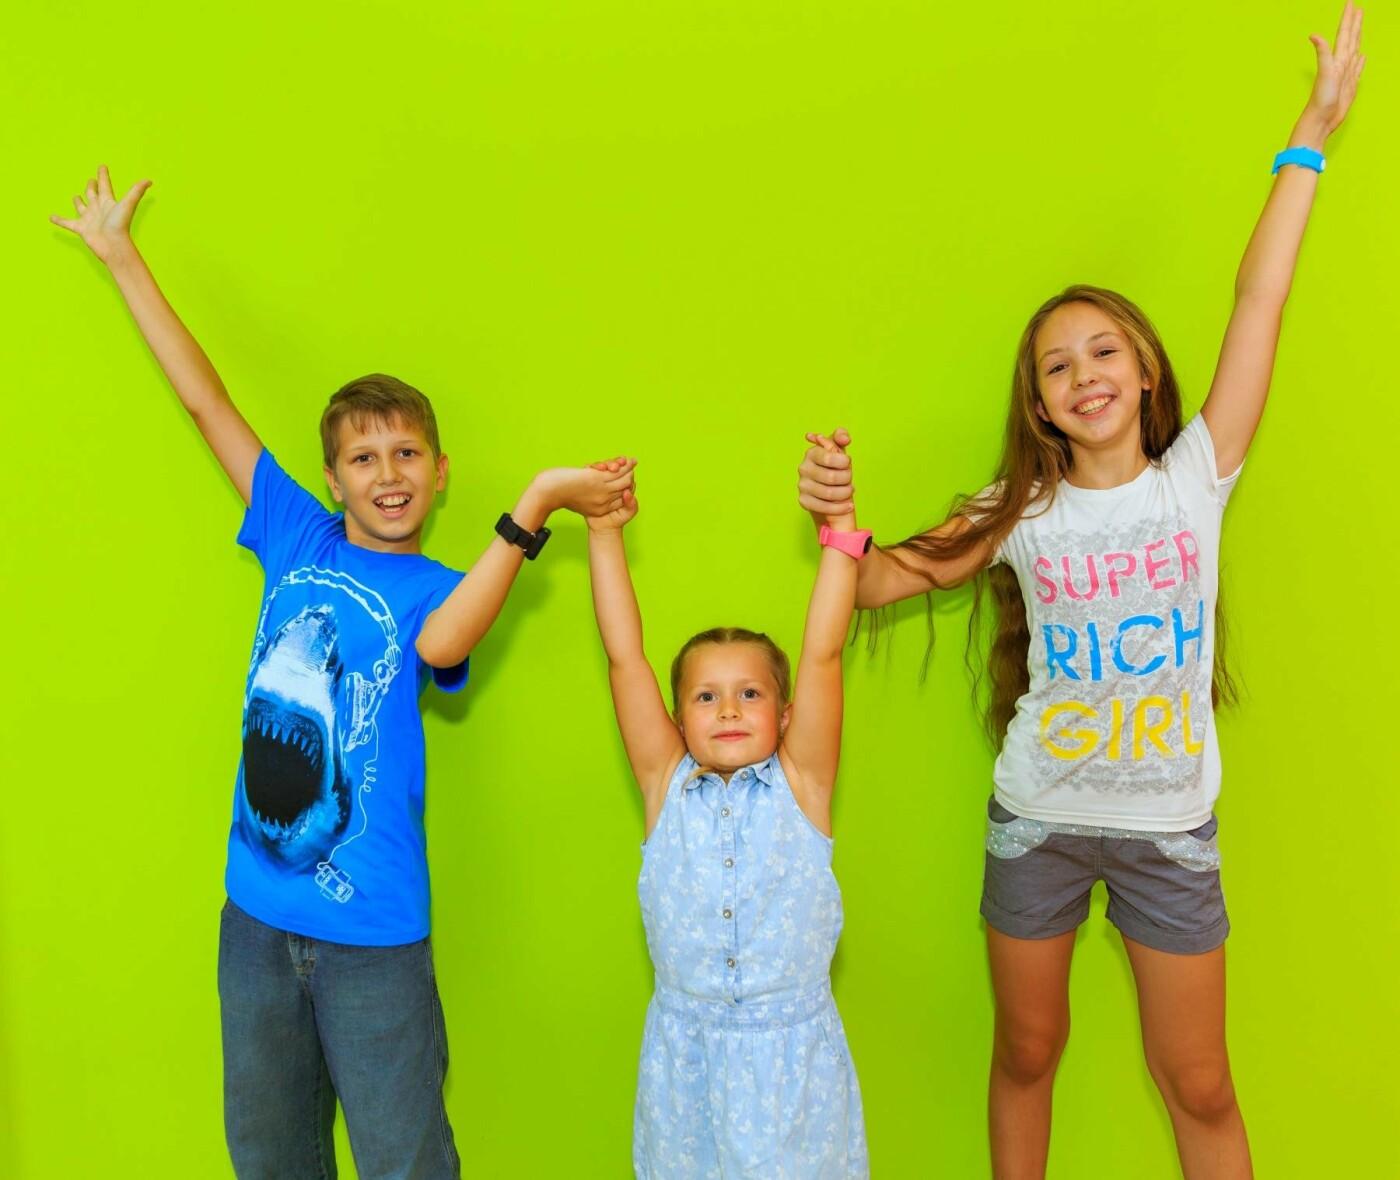 Як убезпечити свою дитину від поганої компанії і фізичного насильства?, фото-3